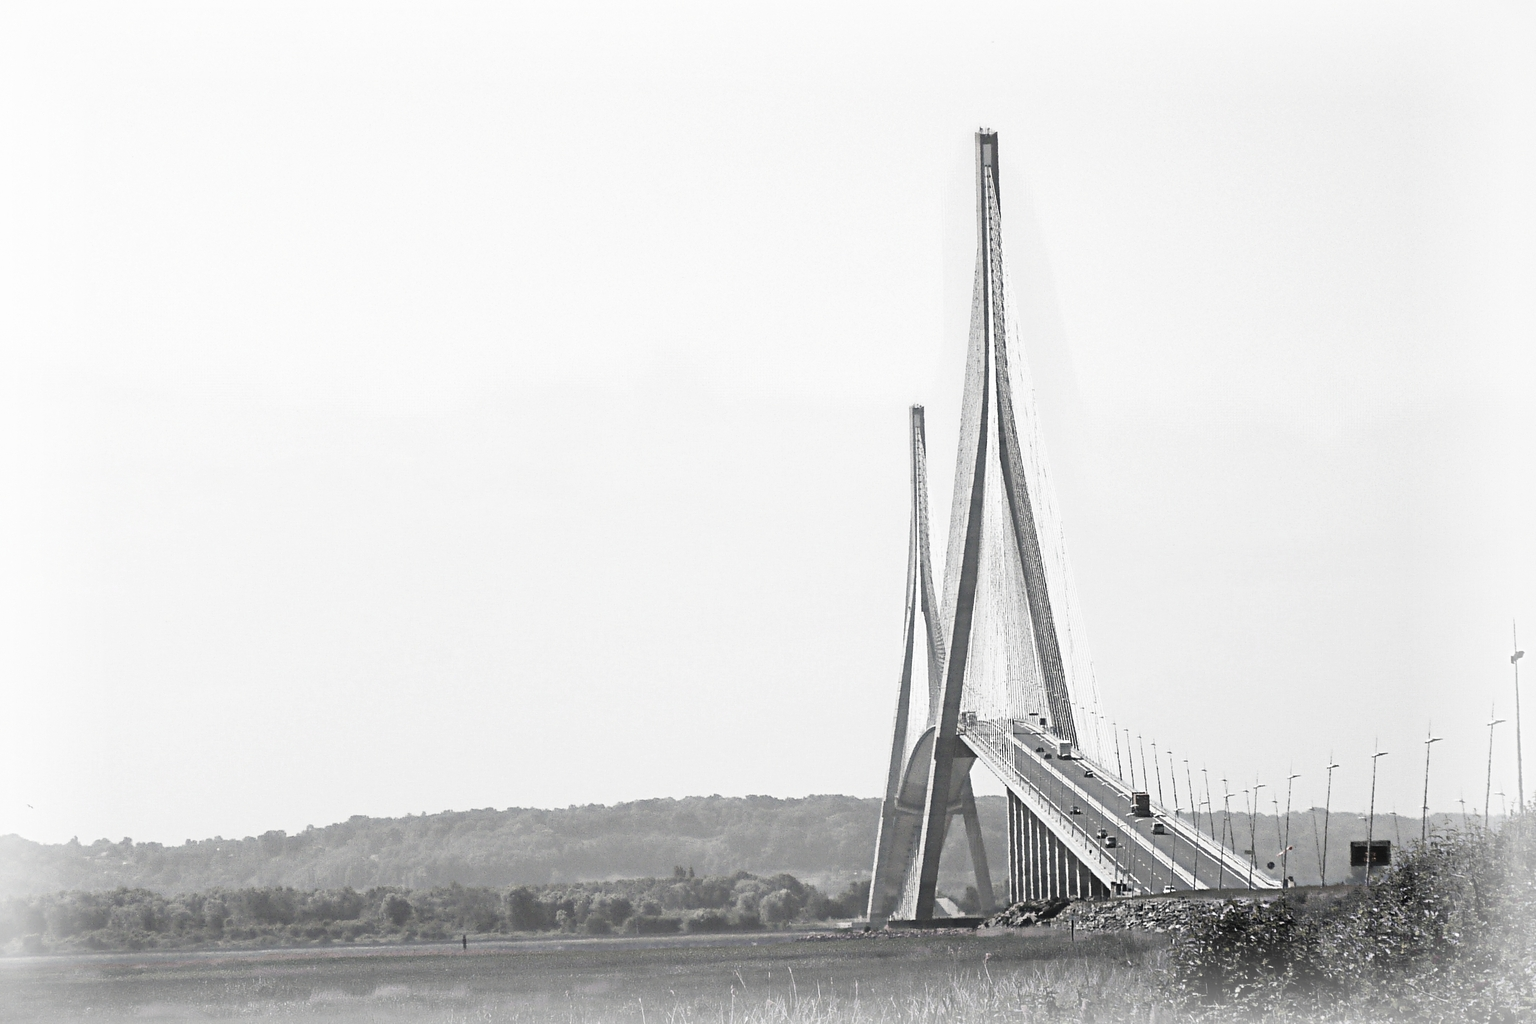 Pont de Normandie - - - foto door onne1954 op 22-04-2021 - deze foto bevat: brug, pont de normandie, frankrijk, zwartwit, lucht, voertuig, water, horizon, balkbrug, landschap, weg, brug, tuibrug, betonnen brug